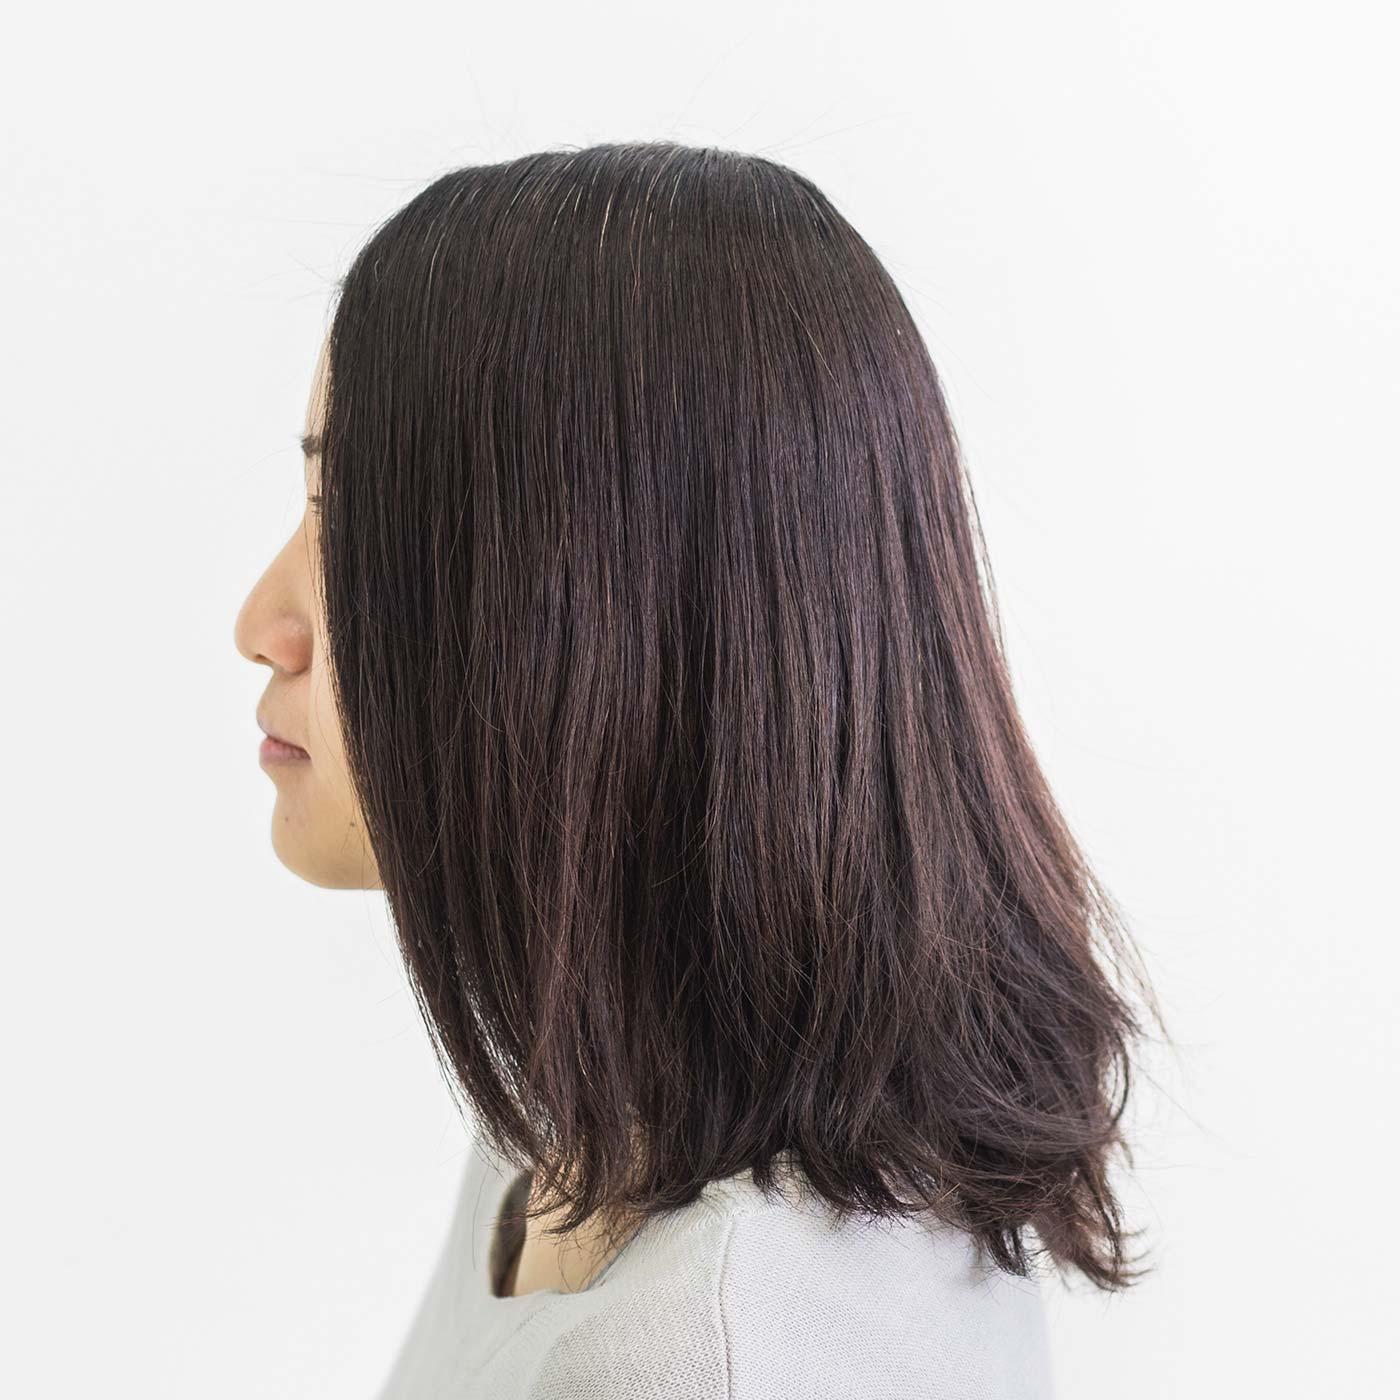 【BEFORE】頭頂部がペタンコで寂しい印象になりがちな髪にも、カールやトップのボリュームアップが簡単にできます。